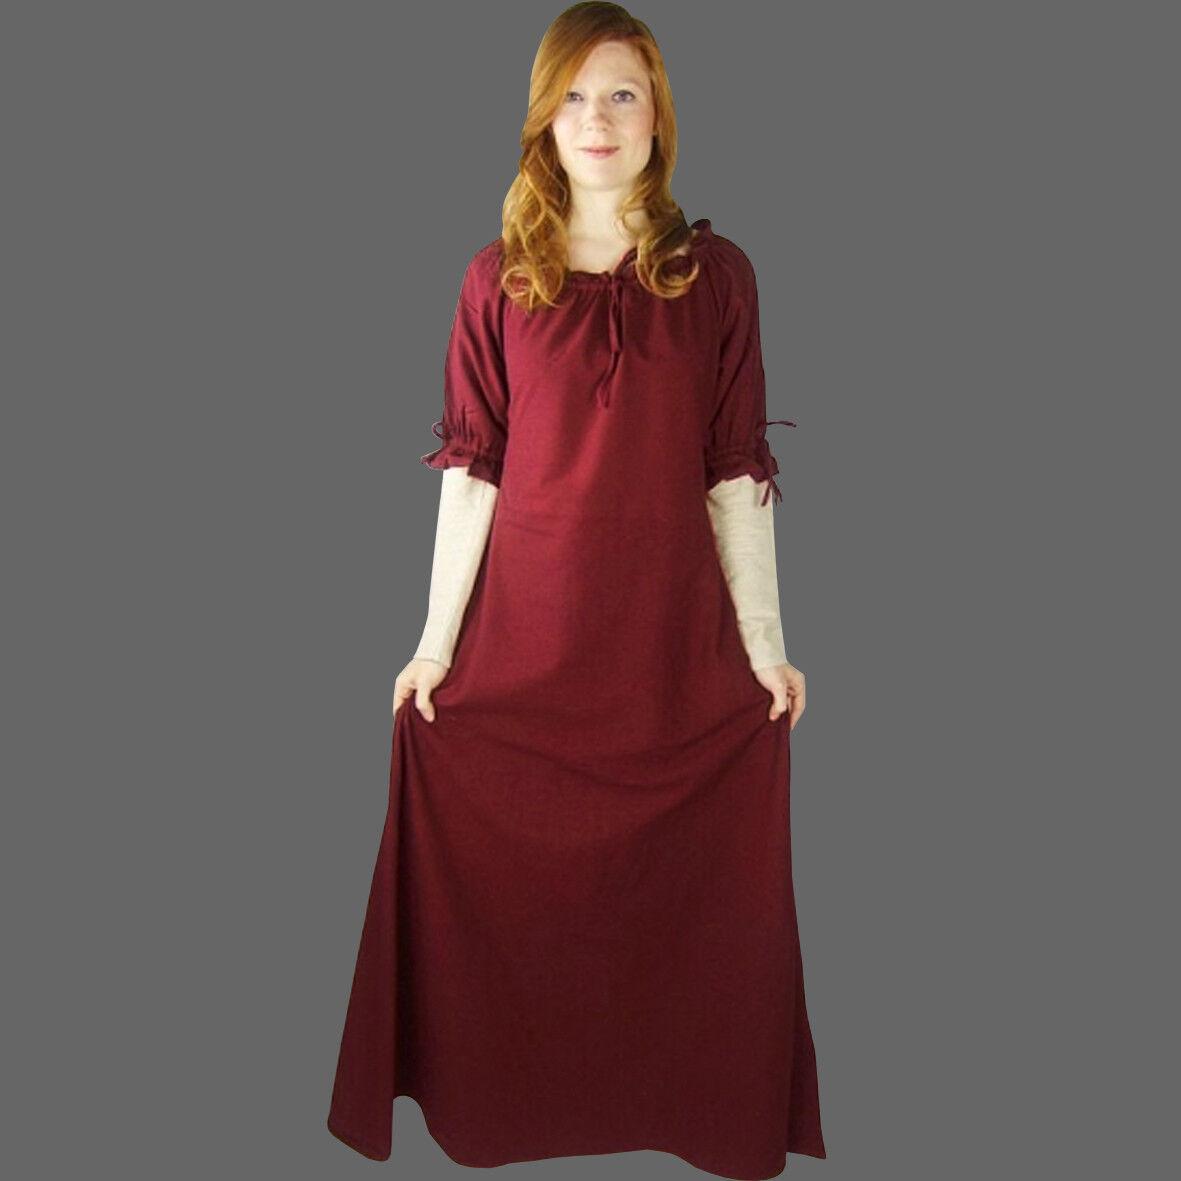 886feccd7002 Abito Medievale Medioevo a maniche corte kurzärmelig Medioevo vestito a  colorei 5.